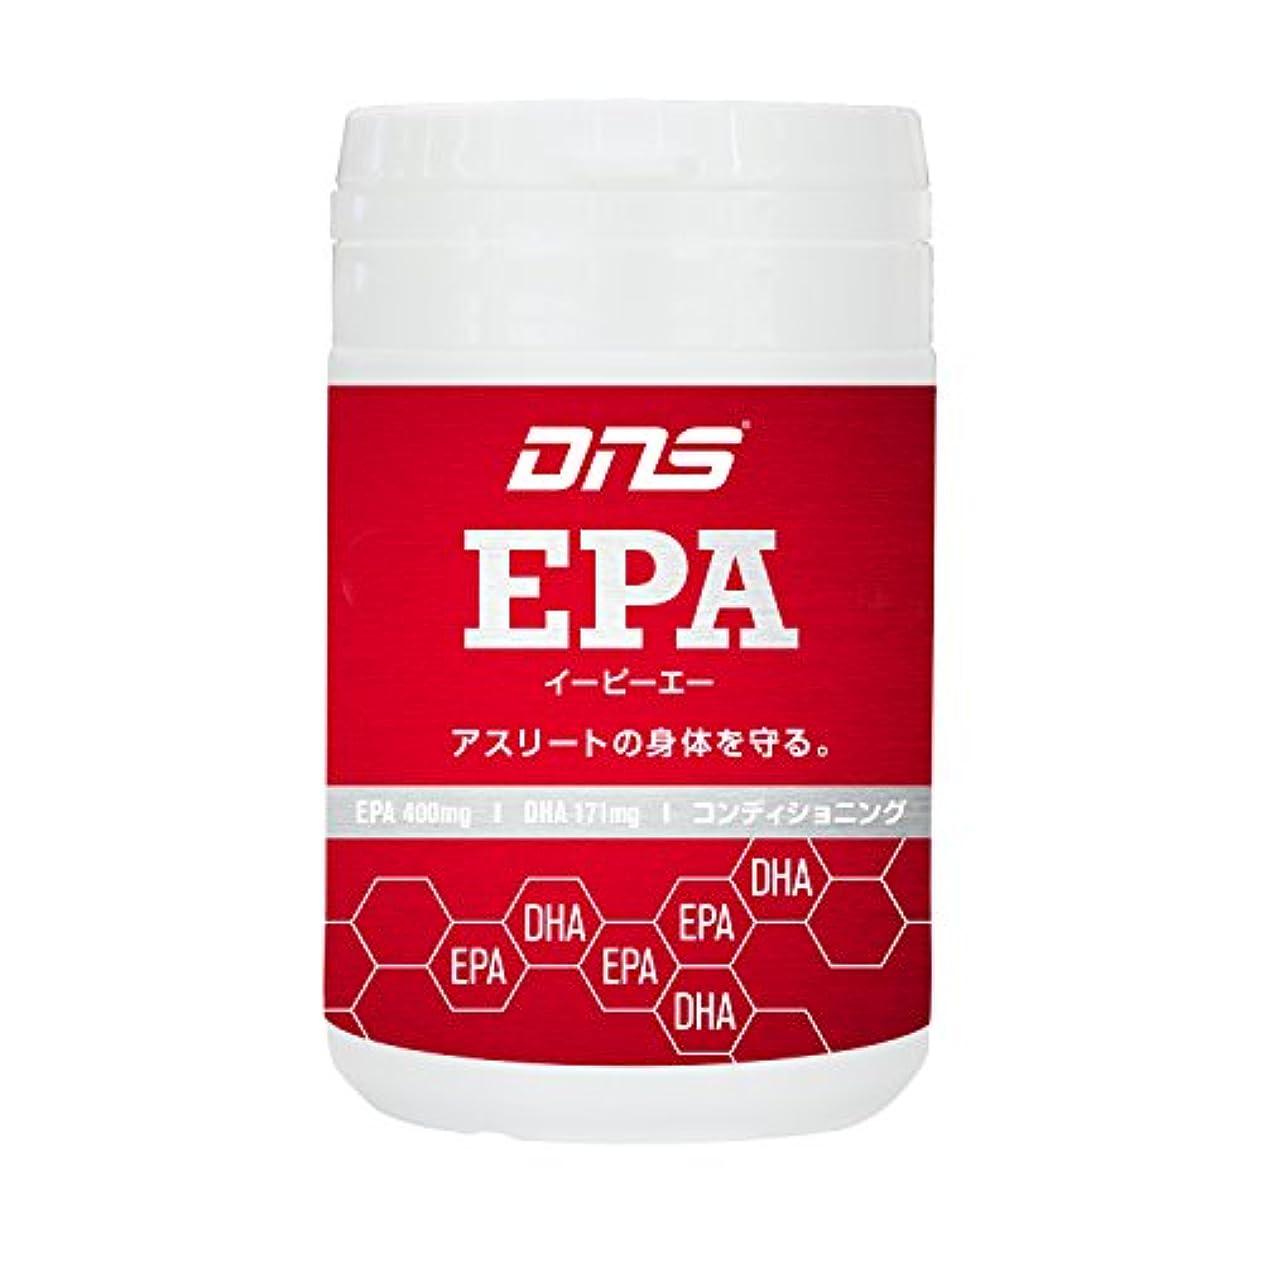 テレックスライセンス睡眠DNS EPA